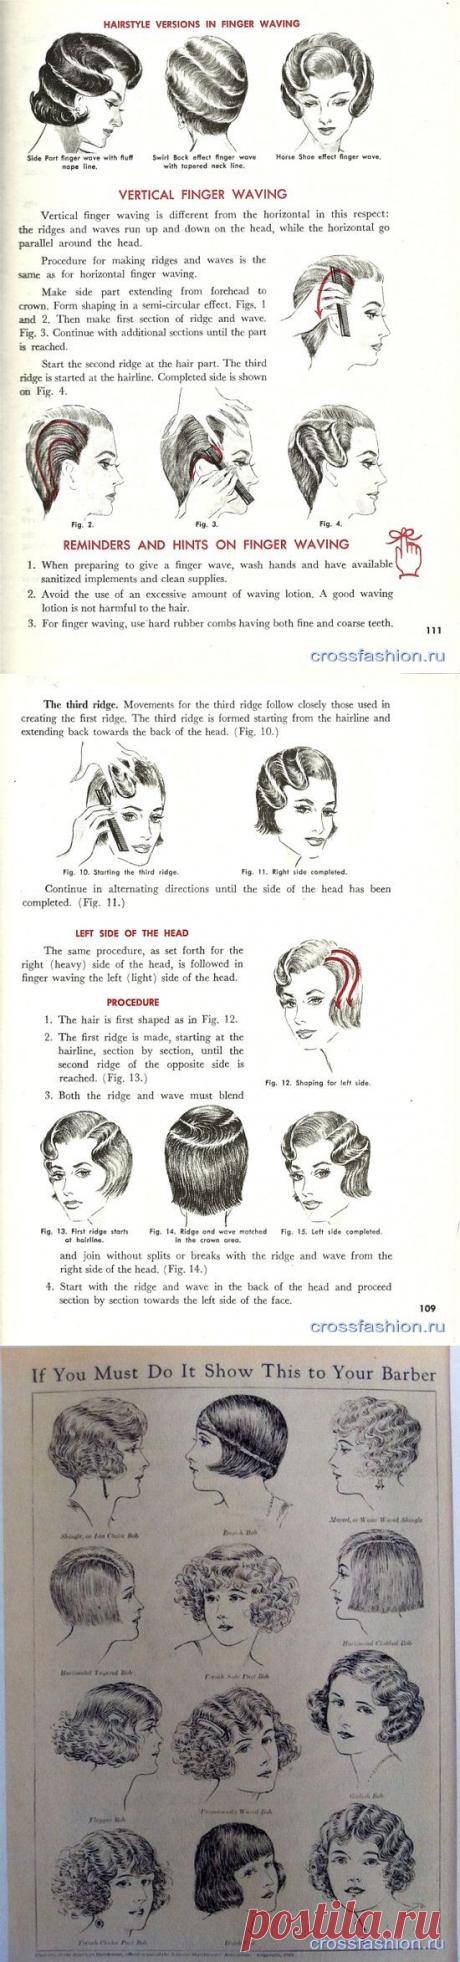 Crossfashion Group - Прически в стиле «Великий Гэтсби»: варианты укладок для волос разной длины, видео-уроки